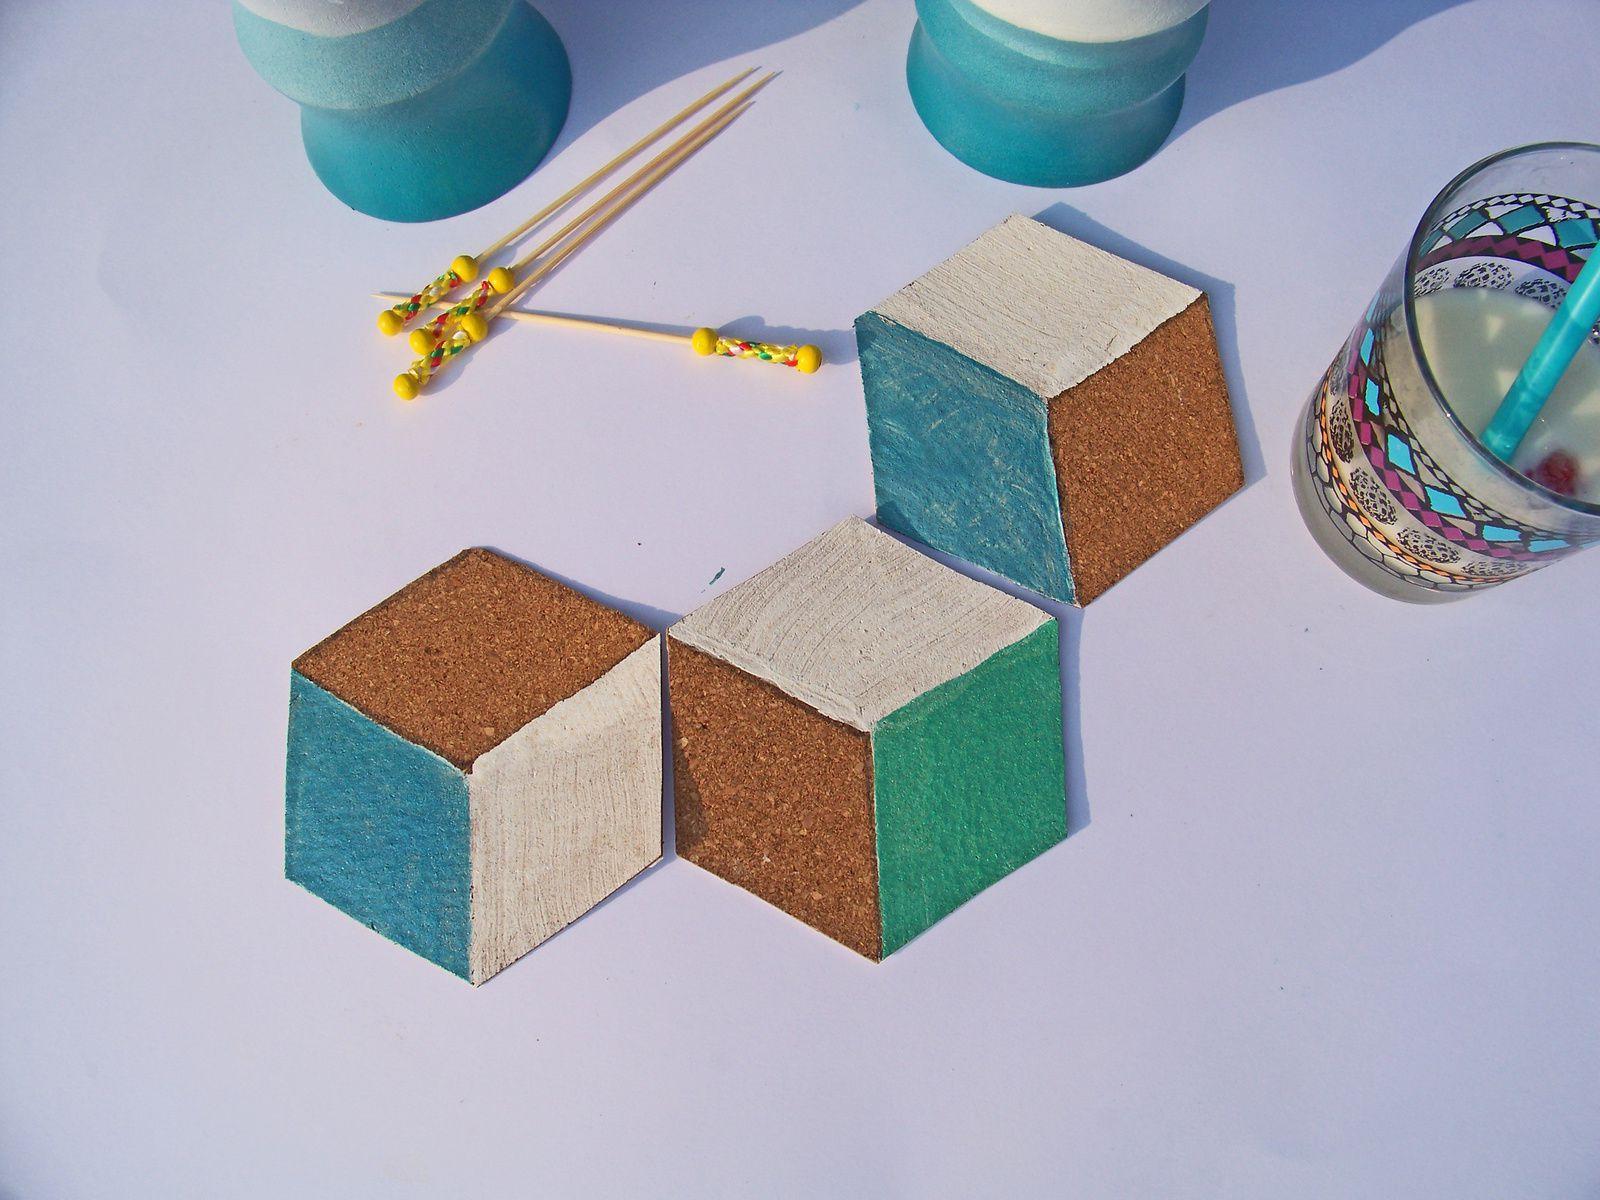 Effet trompe l'oeil et motifs géométriques pour sous verre en liège.